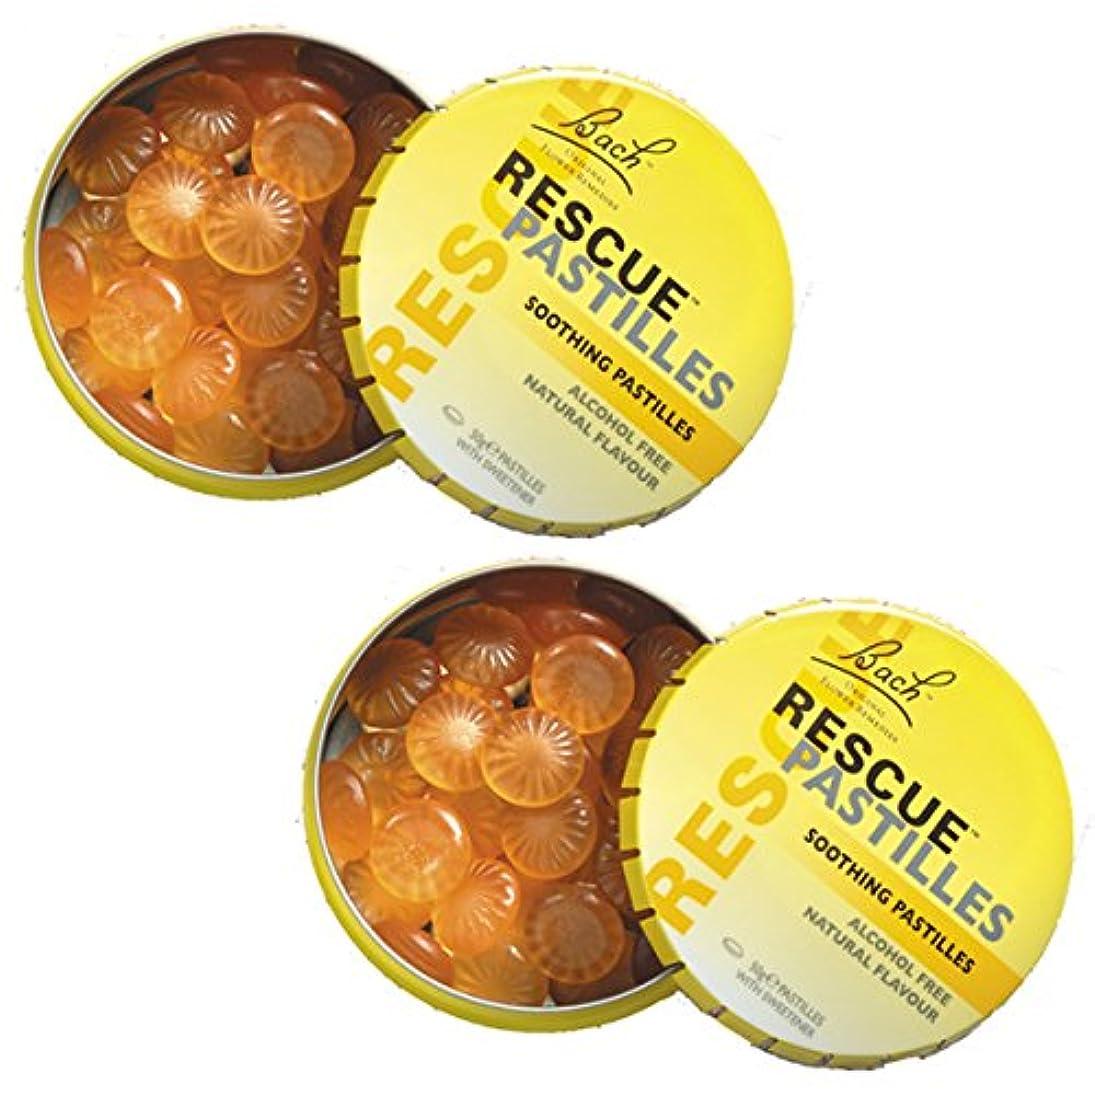 タイムリーなブランド小包【2個セット】 レスキューパステル 50g 日本国内正規品